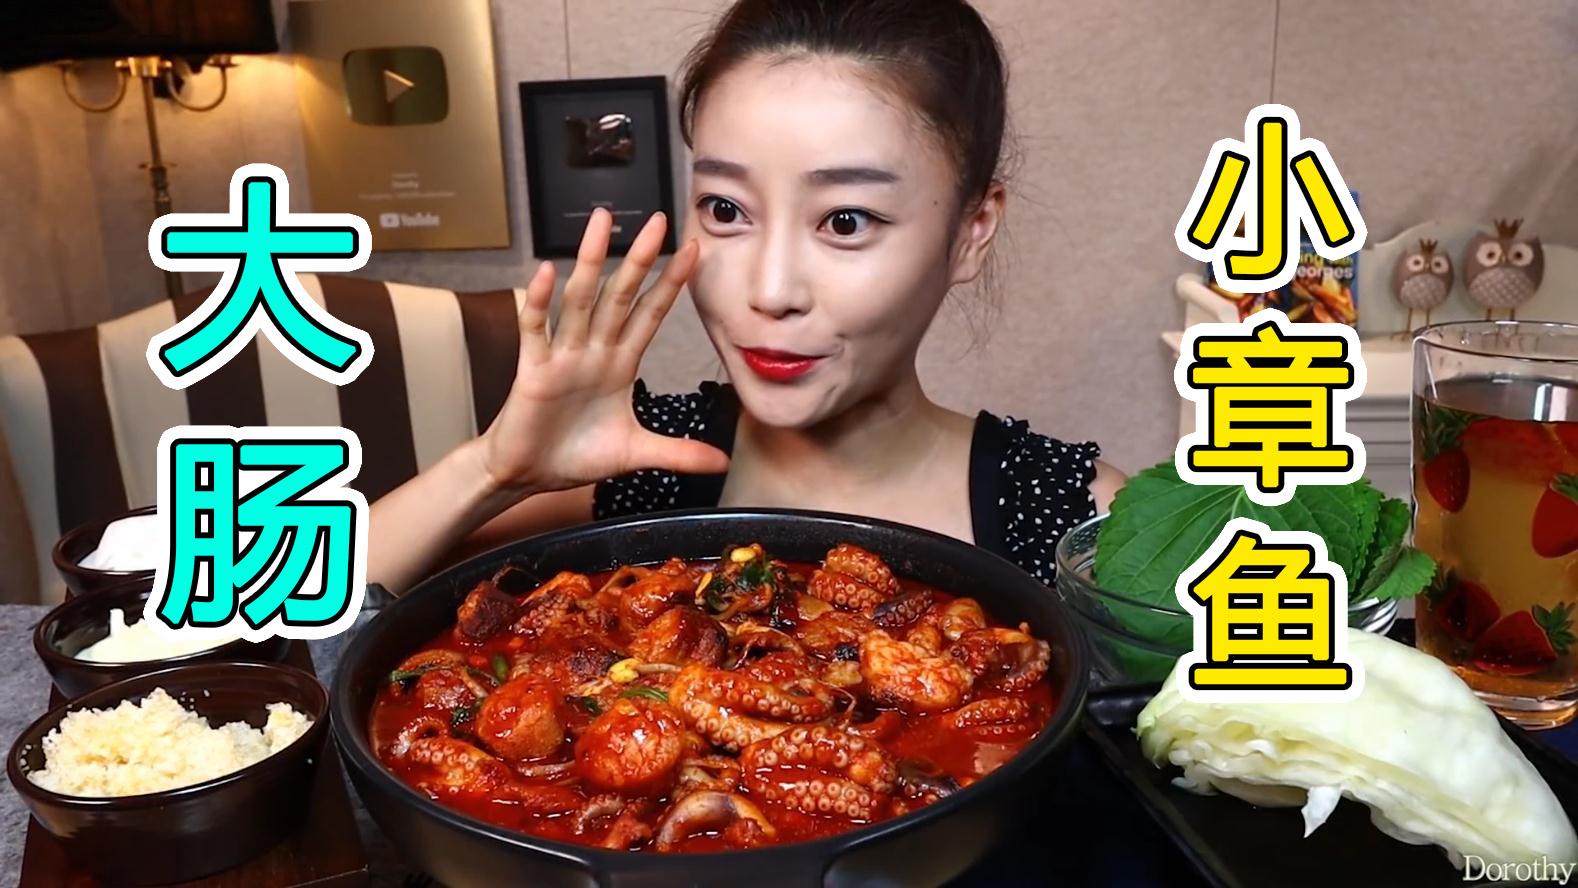 享用大肠小章鱼锅,配上飞鱼籽和蛋黄酱一起吃,别有一番风味!